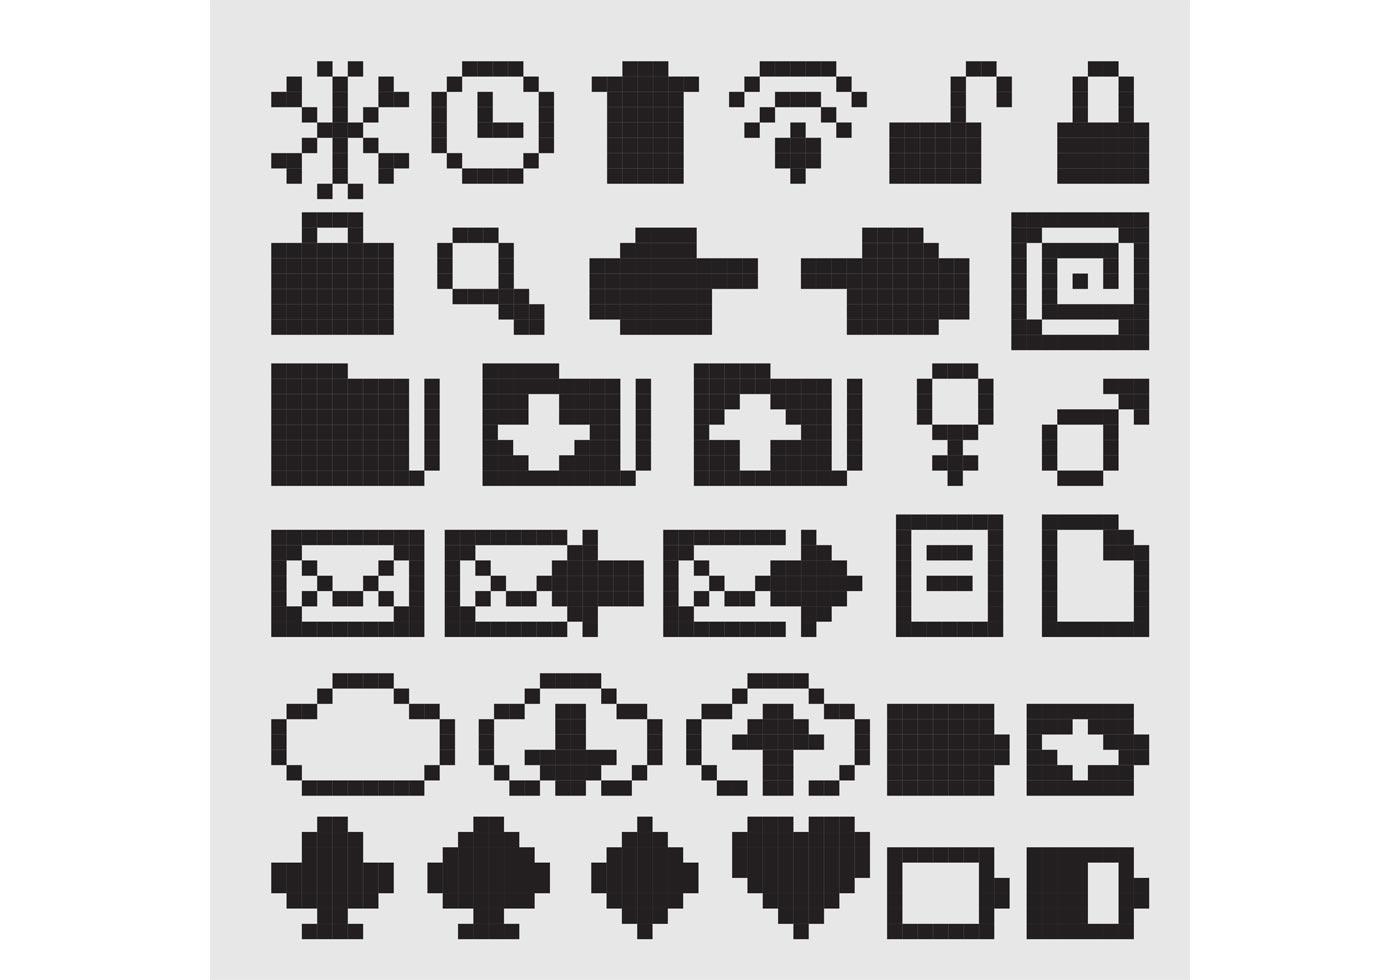 Black 8 Bit Vector Icons - Download Free Vector Art, Stock ...